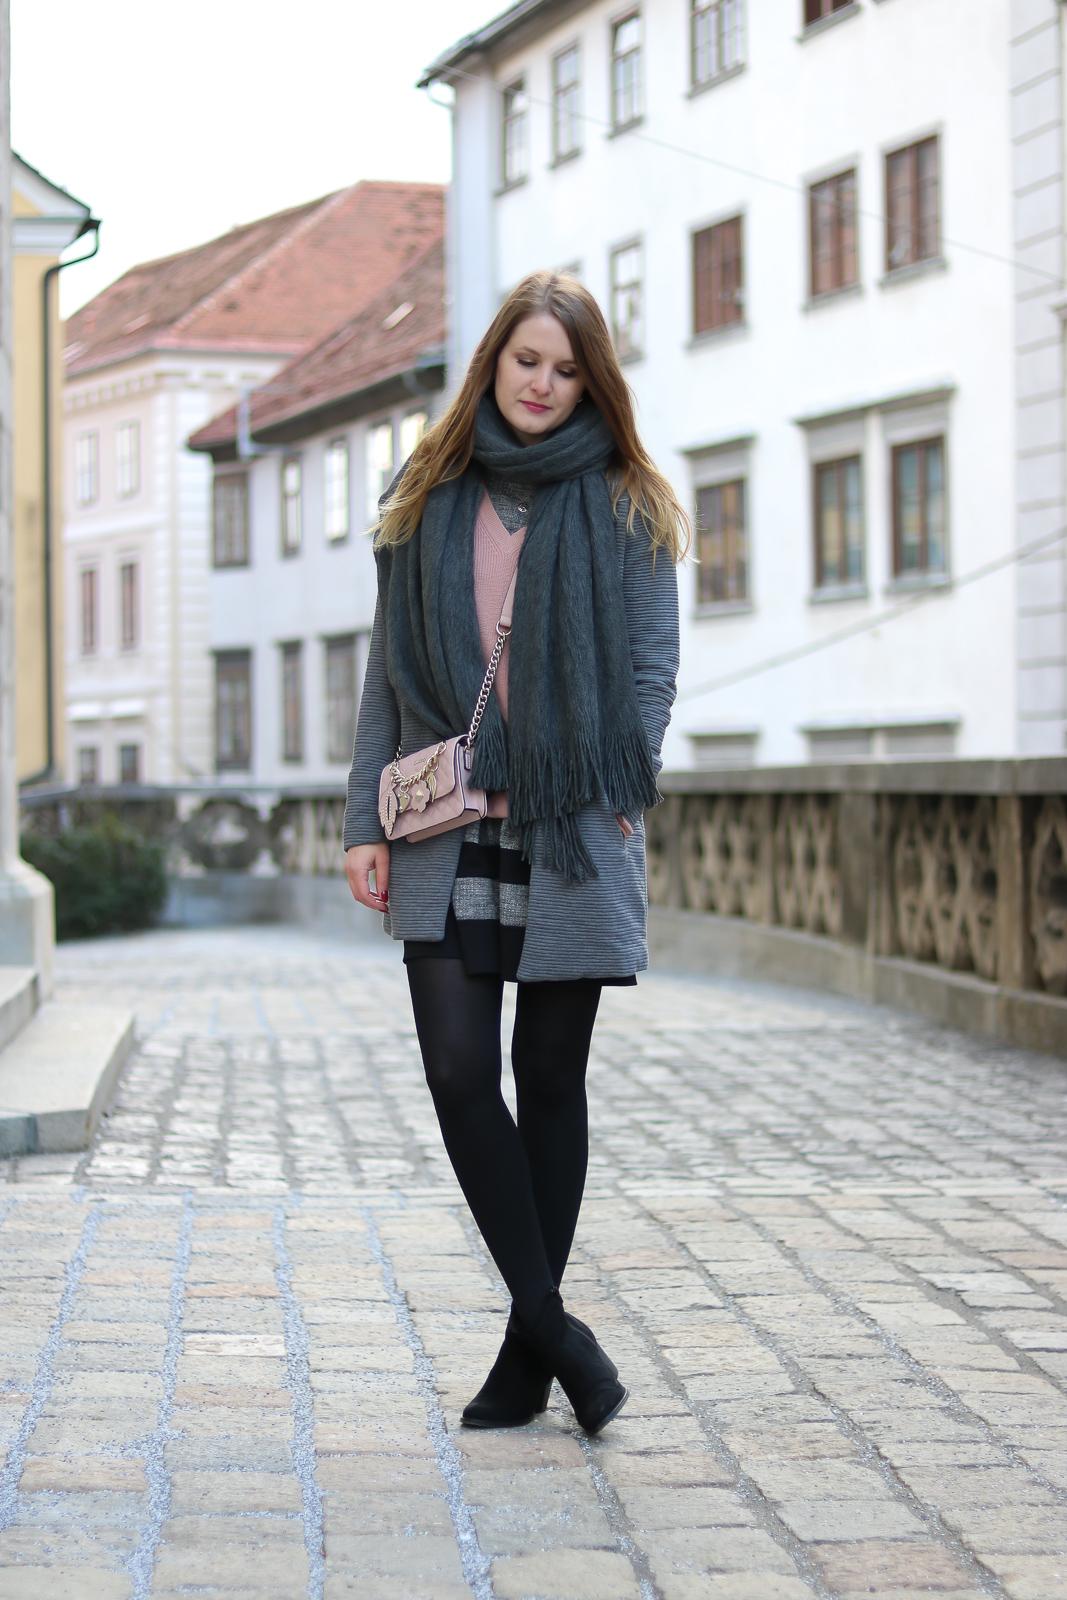 Kleider winterlich stylen - mit diesen Tricks gelingt es dir - Kleider im Winter tragen - Kleider kombinieren - graues Kleid Kombi - Kleid kombinieren - wie kombiniere ich ein kurzes Kleid im Winter - Kleid kombinieren Winter - graues Kleid stylen - welche Schuhe zu grauem Kleid - Layering Look mit Kleid - Layering Look Winter - Outfit - Trend - Grau-rosa Kombination - Rosa Pullover kombinieren - Fashionladyloves by Tamara Wagner - Fashion Blog - Mode Blog aus Graz Österreich